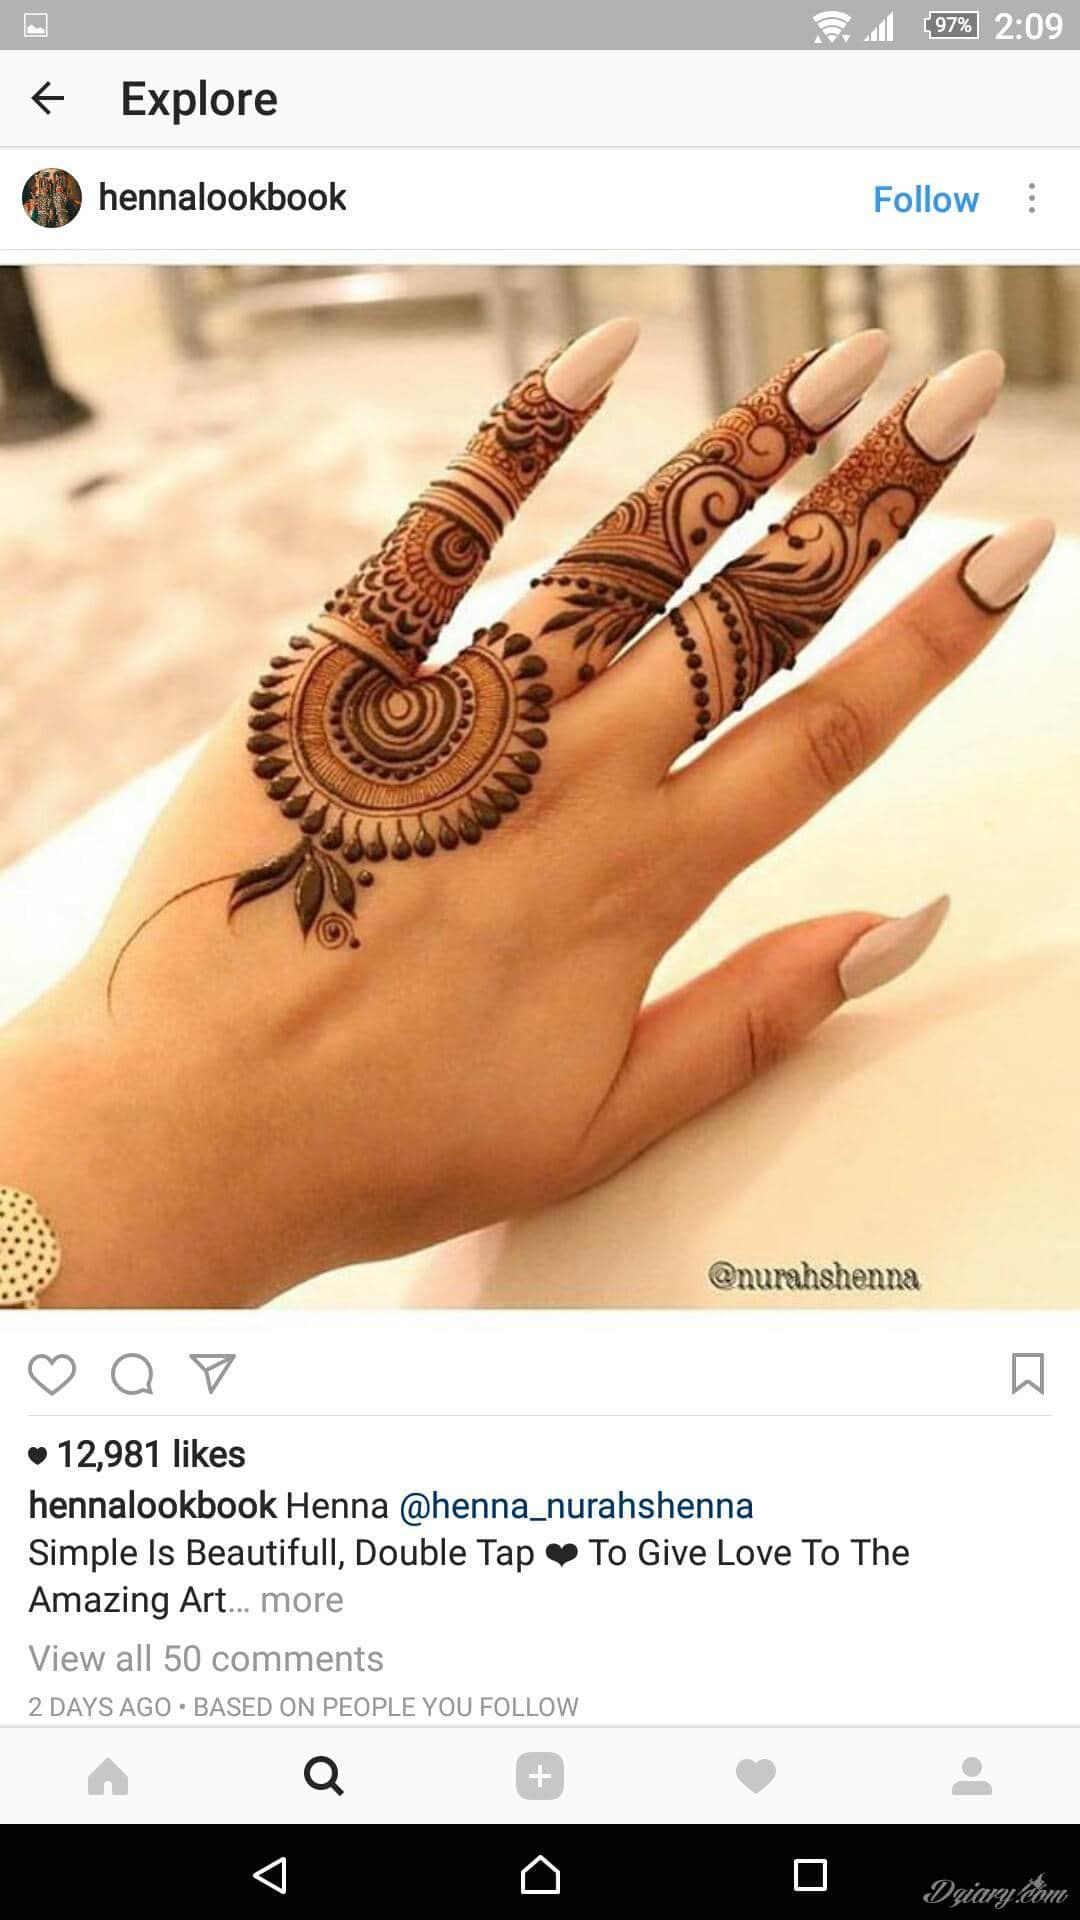 Tatuaż z henny to tymczasowa grafika, która pozostaje na skórze na ok. 2 tygodnie. Ciekawe wzory o różnorodnych formach ekspozycji na ciele mogą być wstępem do realizacji tatuażu permanentnego.